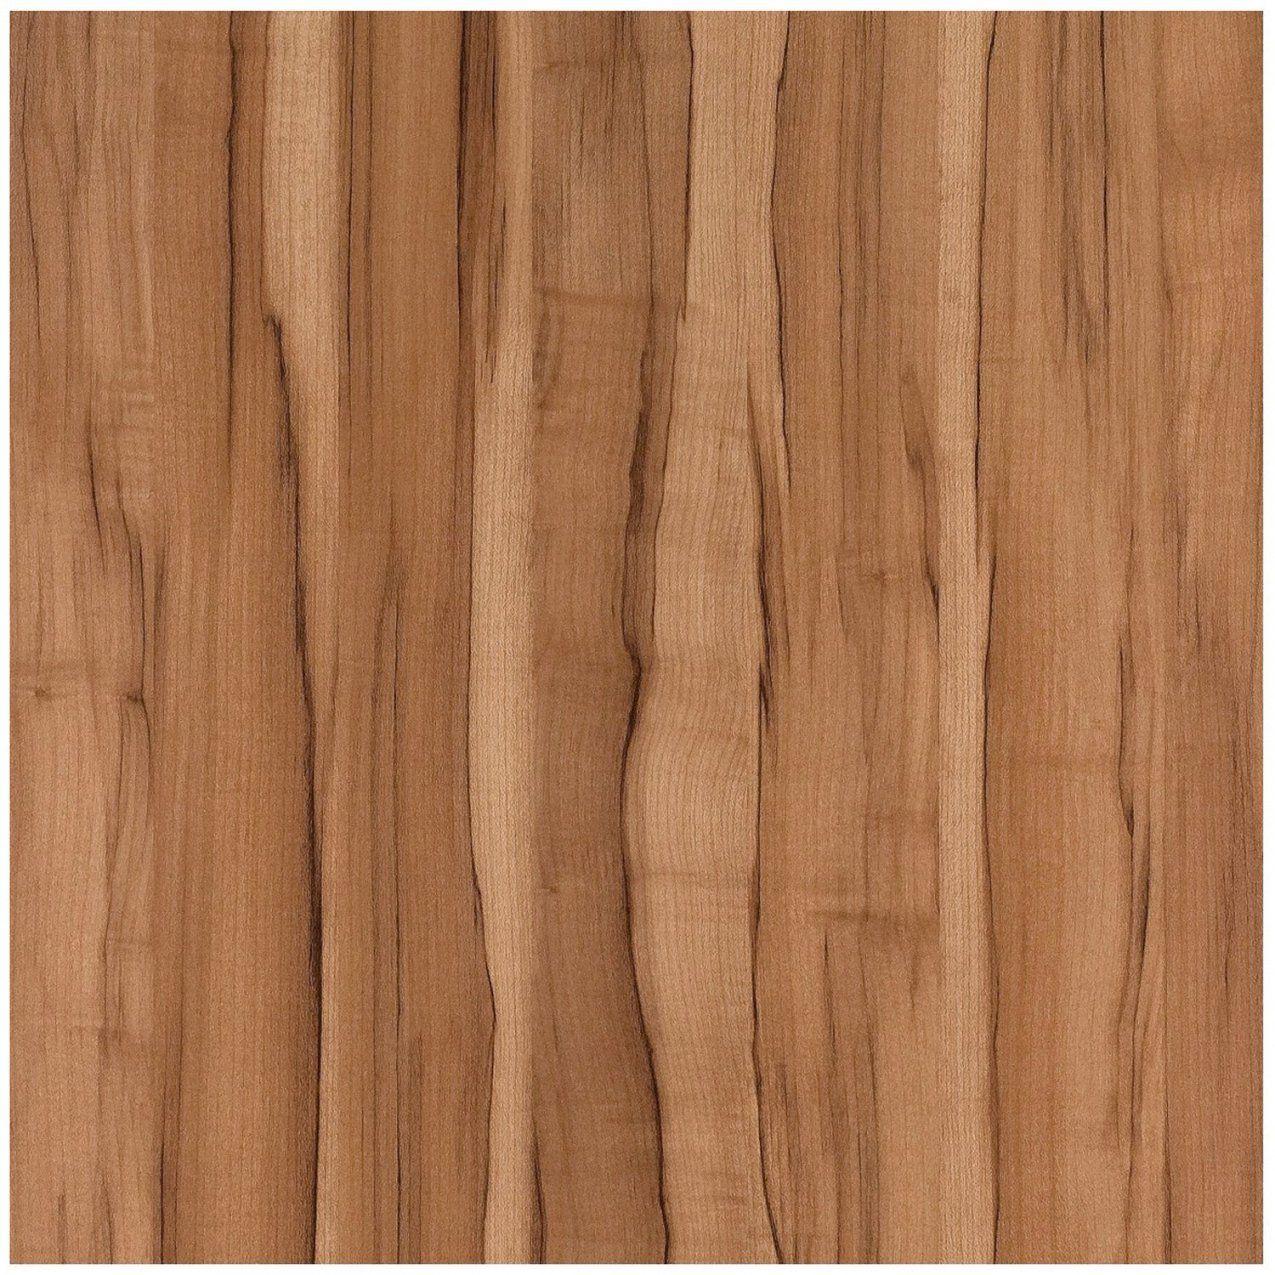 Arbeitsplatte 60 Cm X 39 Cm Kernahorn Holznachbildung (Ah733 von Arbeitsplatten Nach Maß Obi Photo